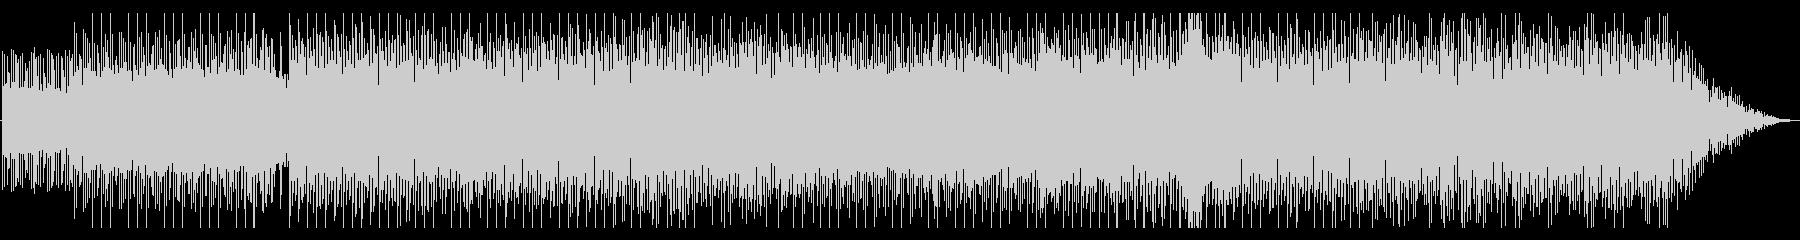 スムーズジャズ的な都会的ドラムンベースの未再生の波形